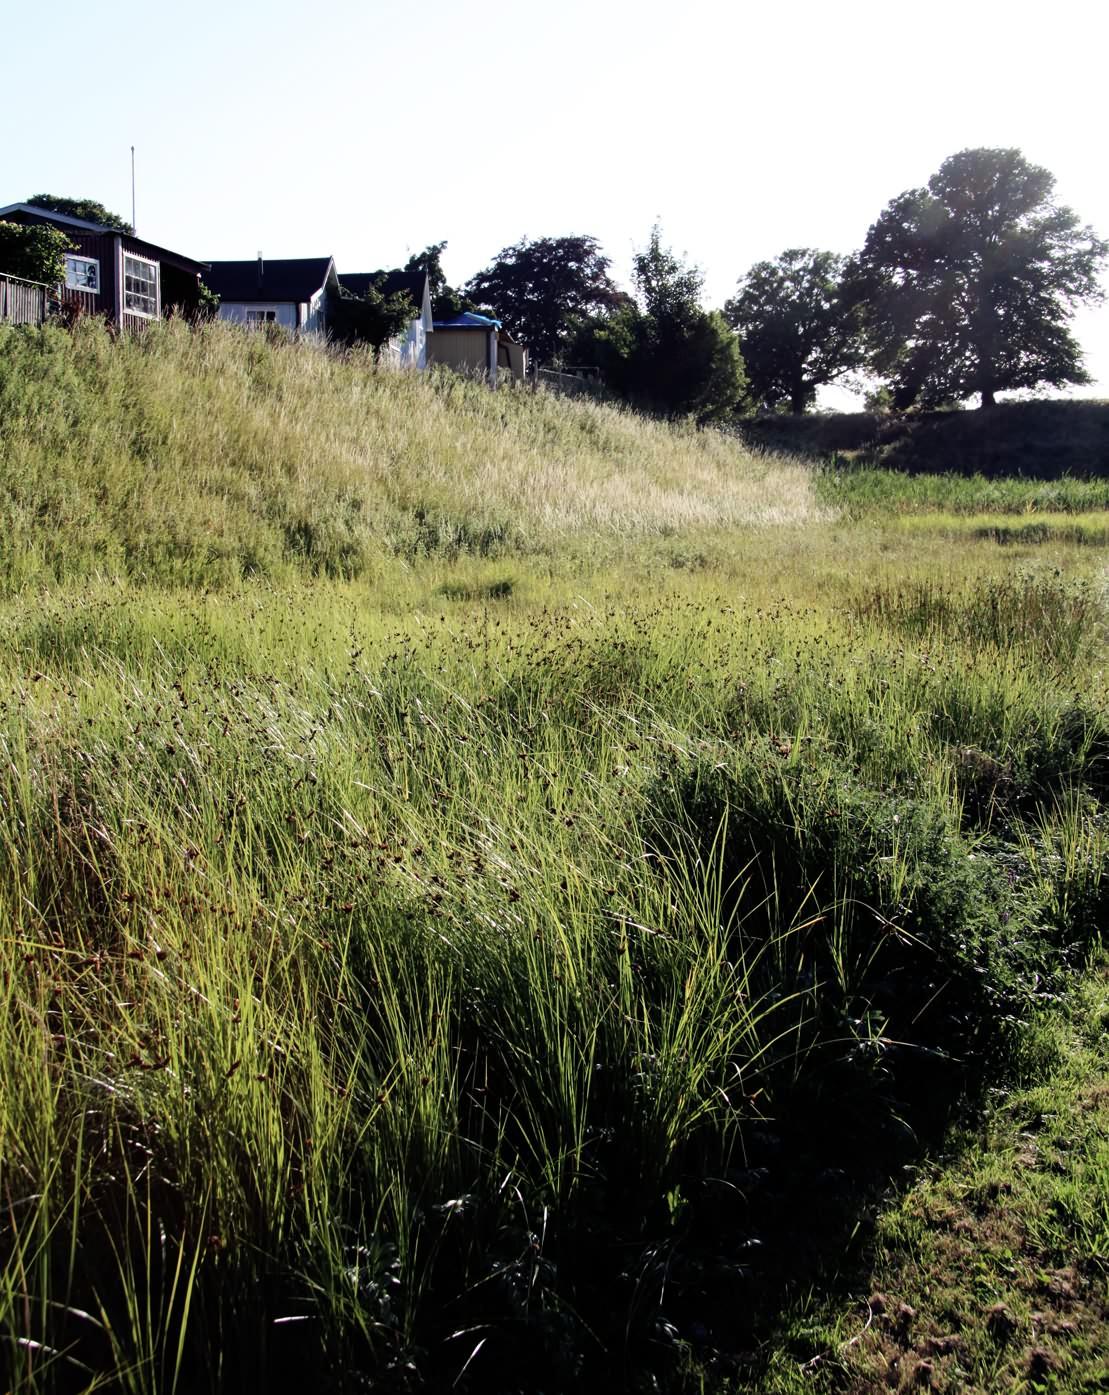 IMG_6971_Citadellet_framför_gräs_web